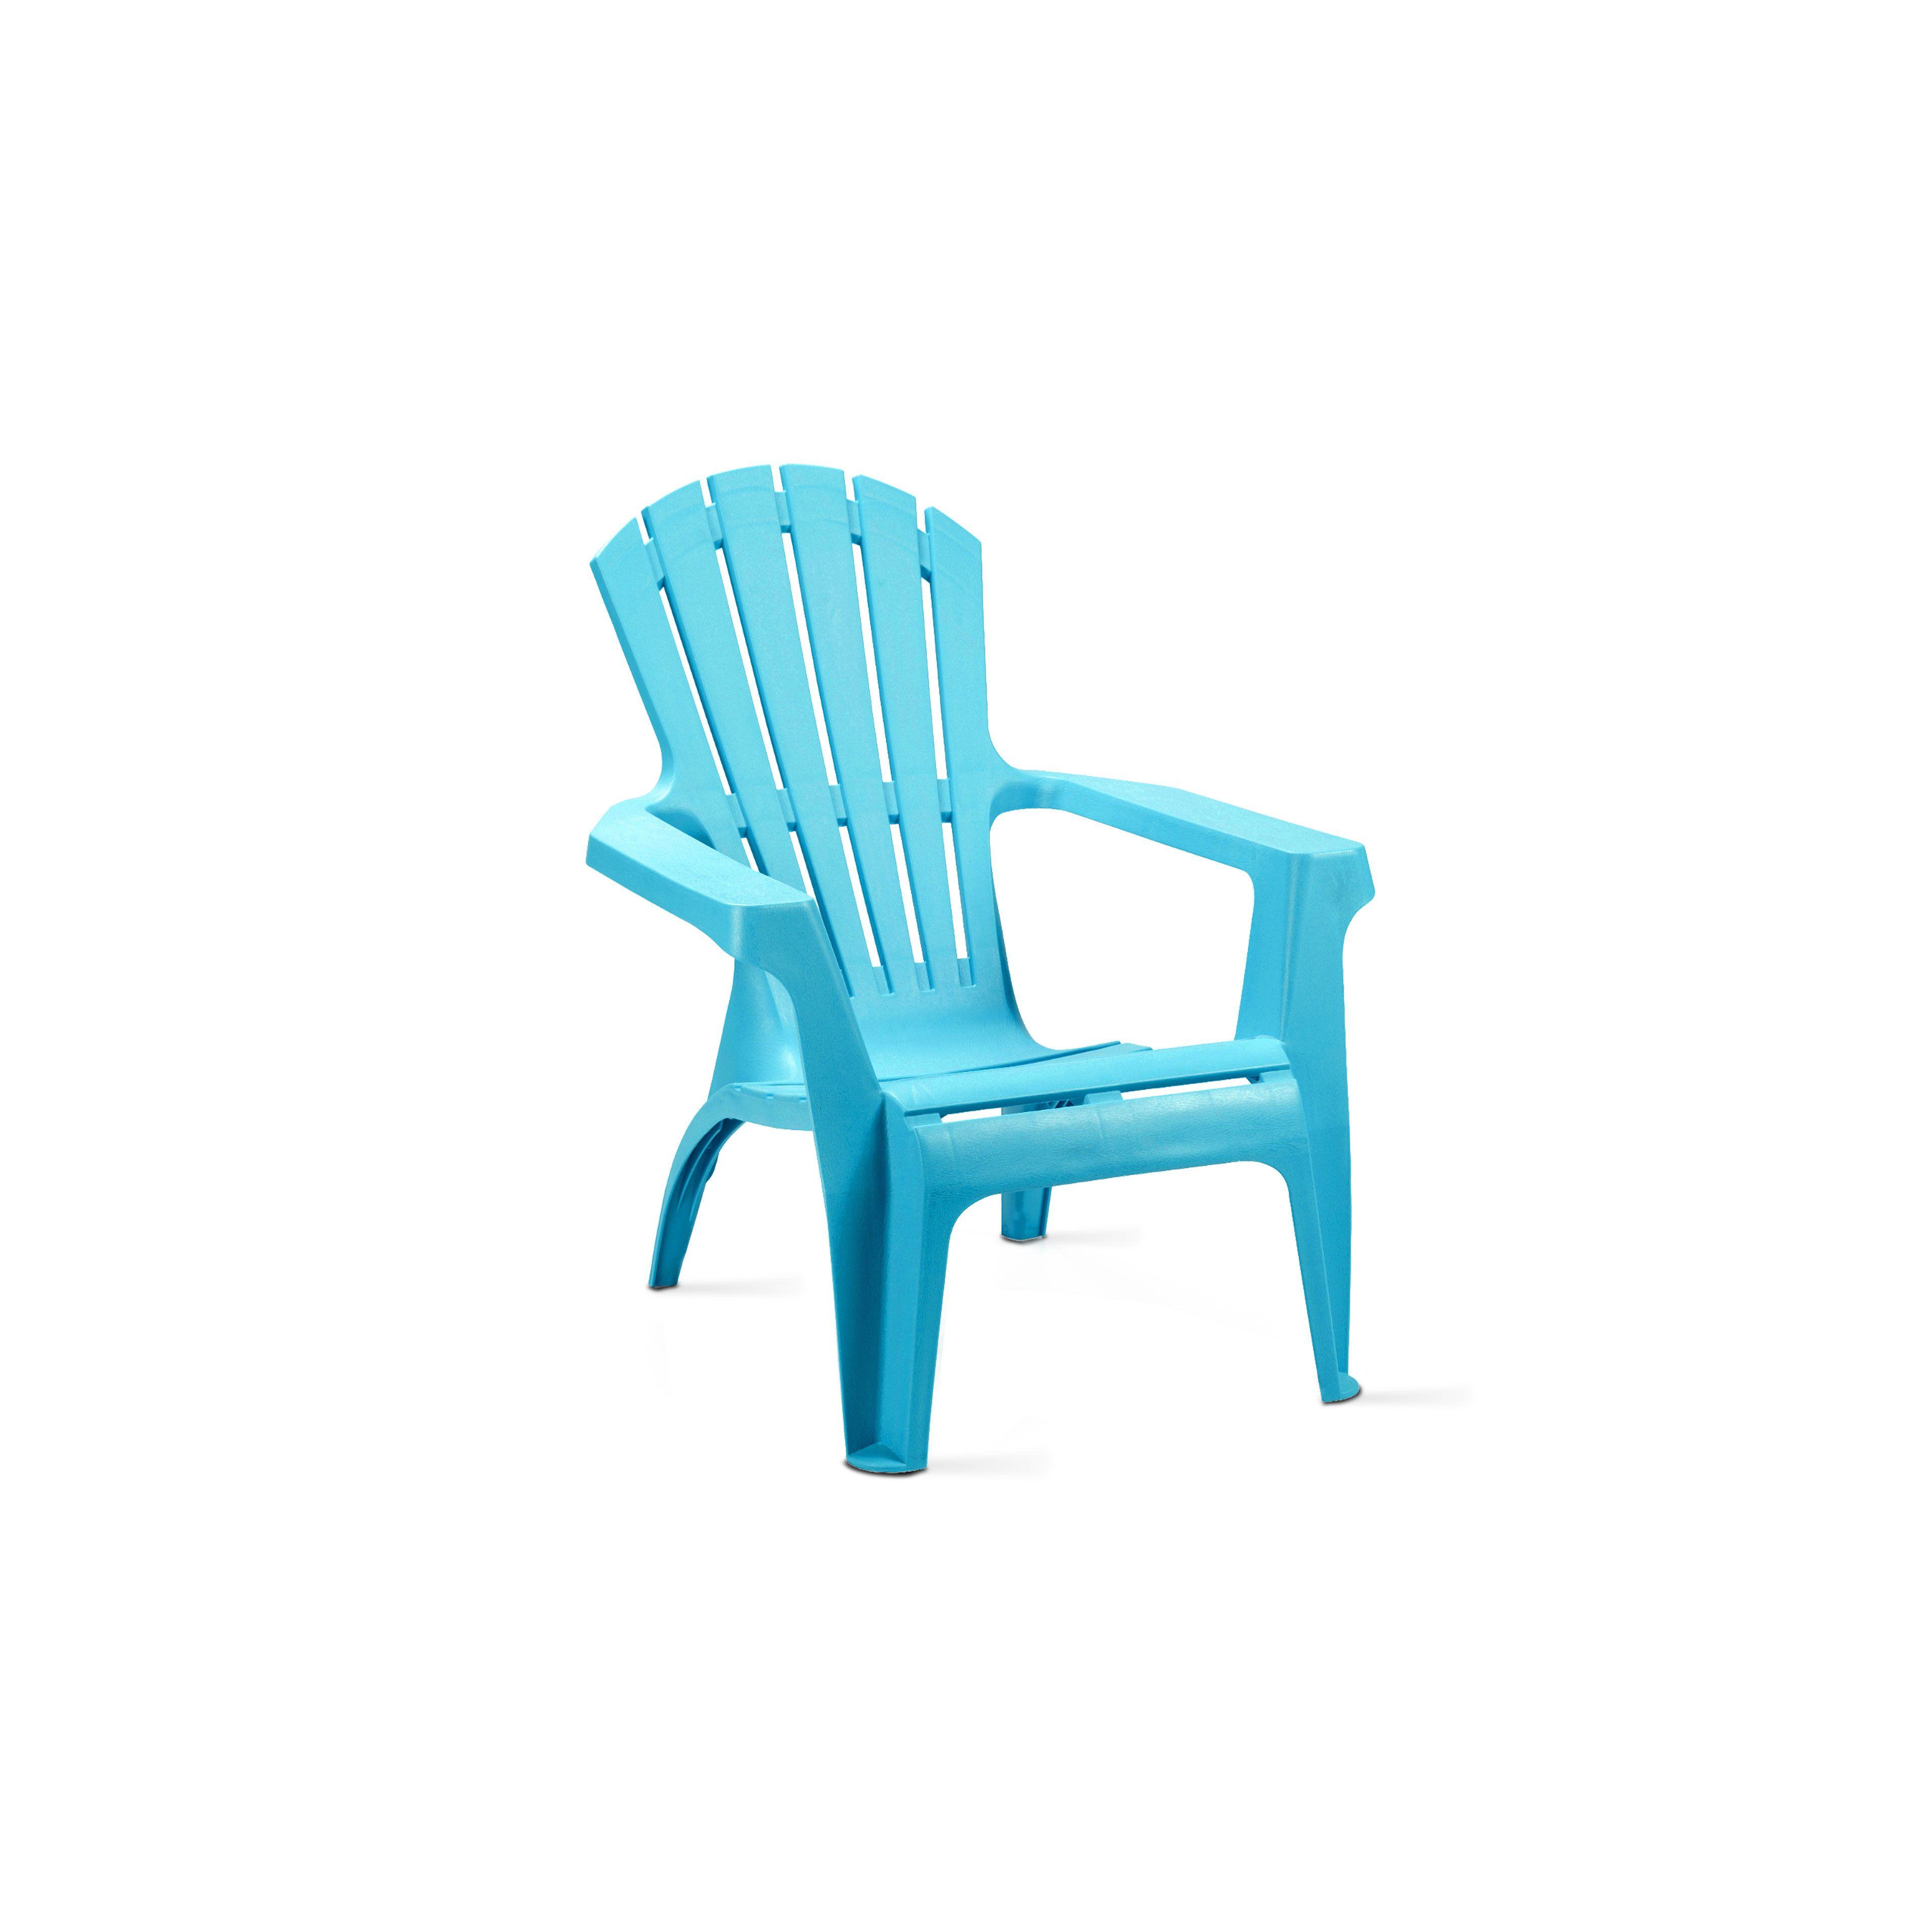 Fauteuil De Jardin En Plastique Bleu